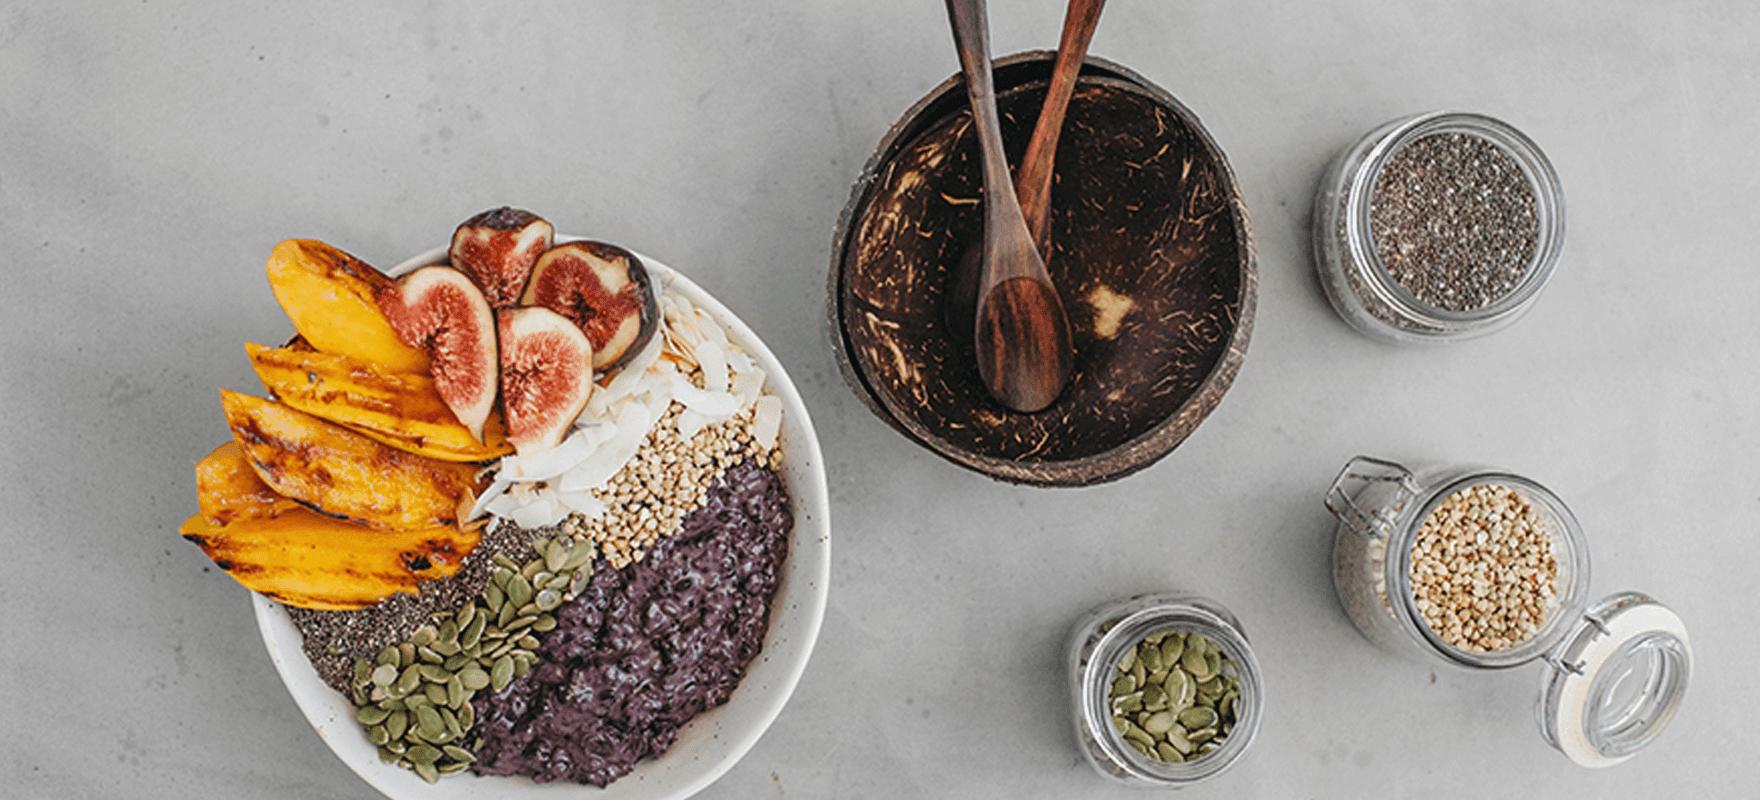 Coconut black rice summer porridge image 1